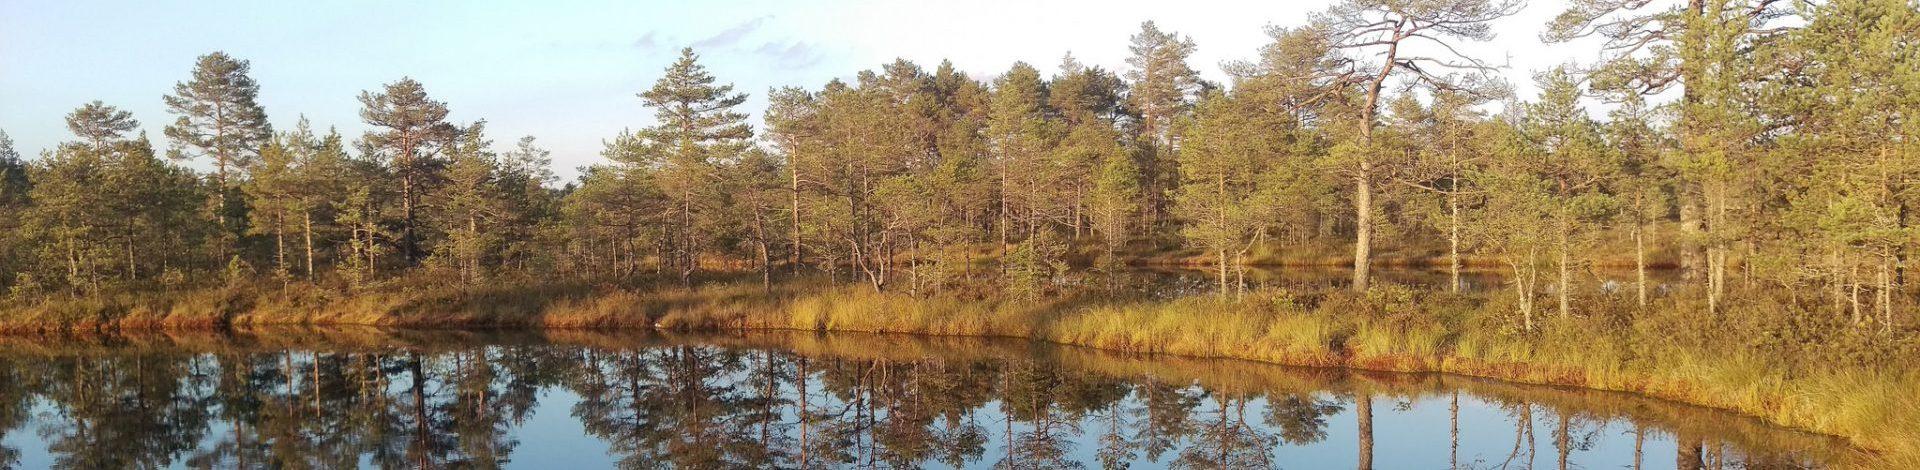 Viru-Bog-Estonia